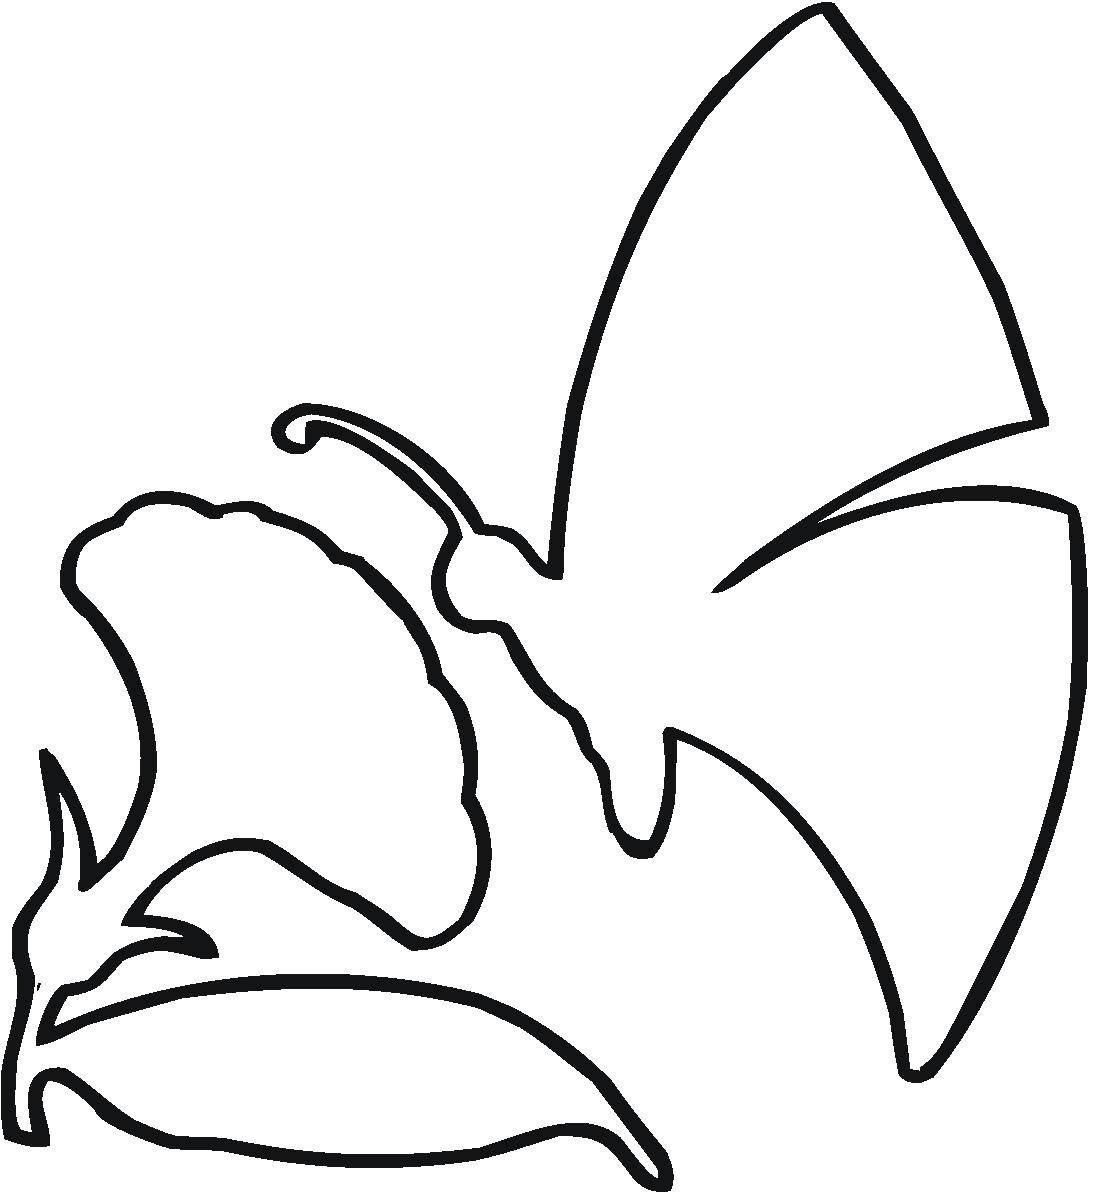 Раскраска Контуры цветка для вырезания Скачать ,Макияж,.  Распечатать